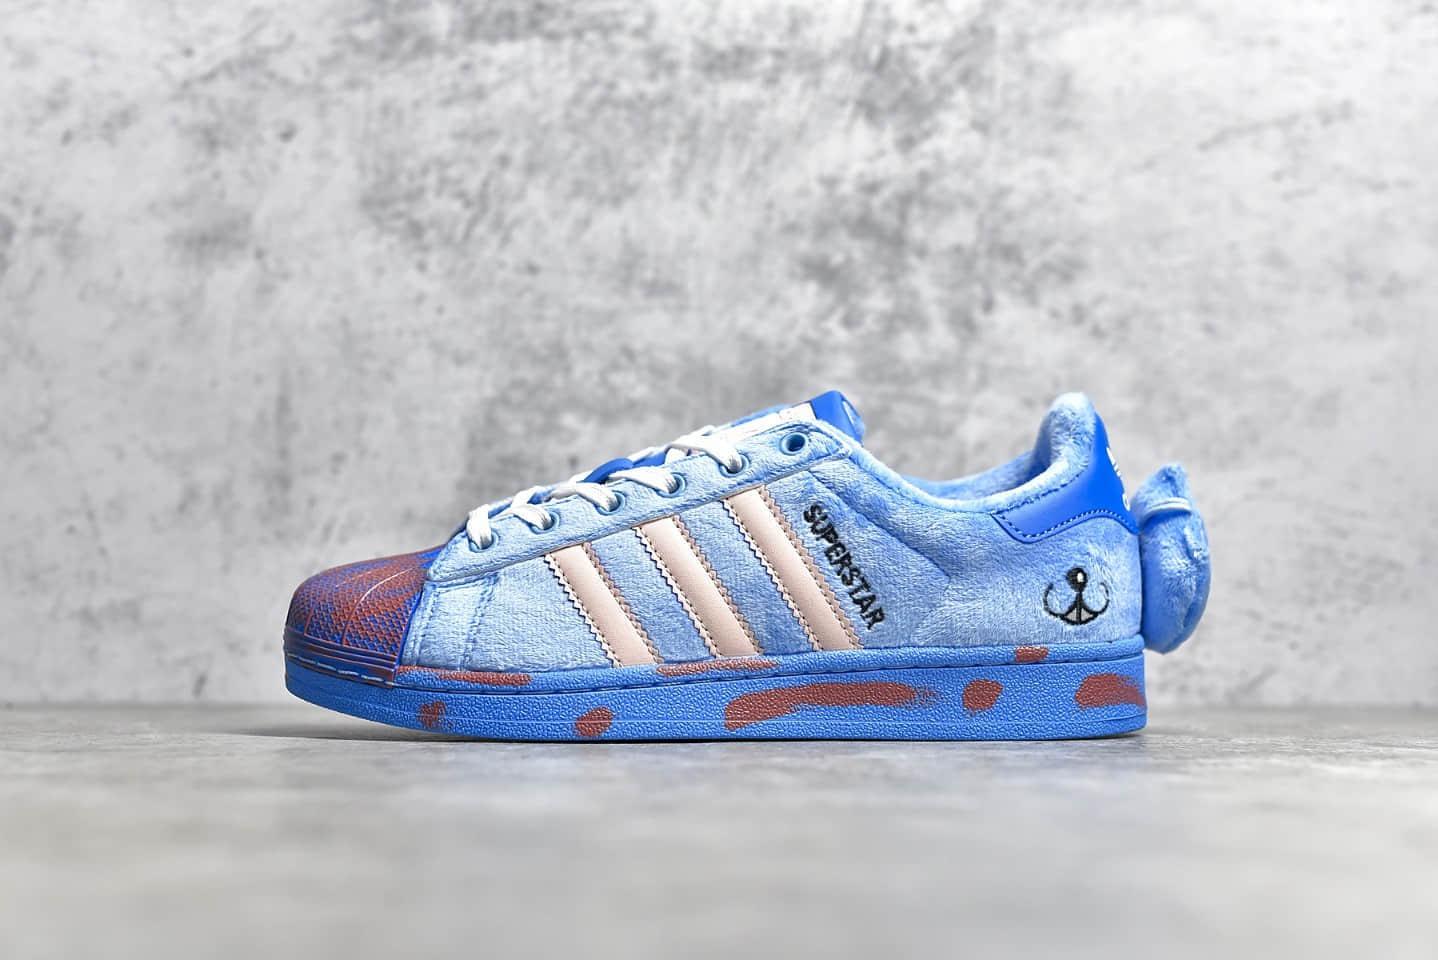 阿迪达斯贝壳头蓝兔子Melting Sadness x adidas originals Superstar Karoro 贝壳头蓝色兔耳朵 货号:FZ5253-潮流者之家